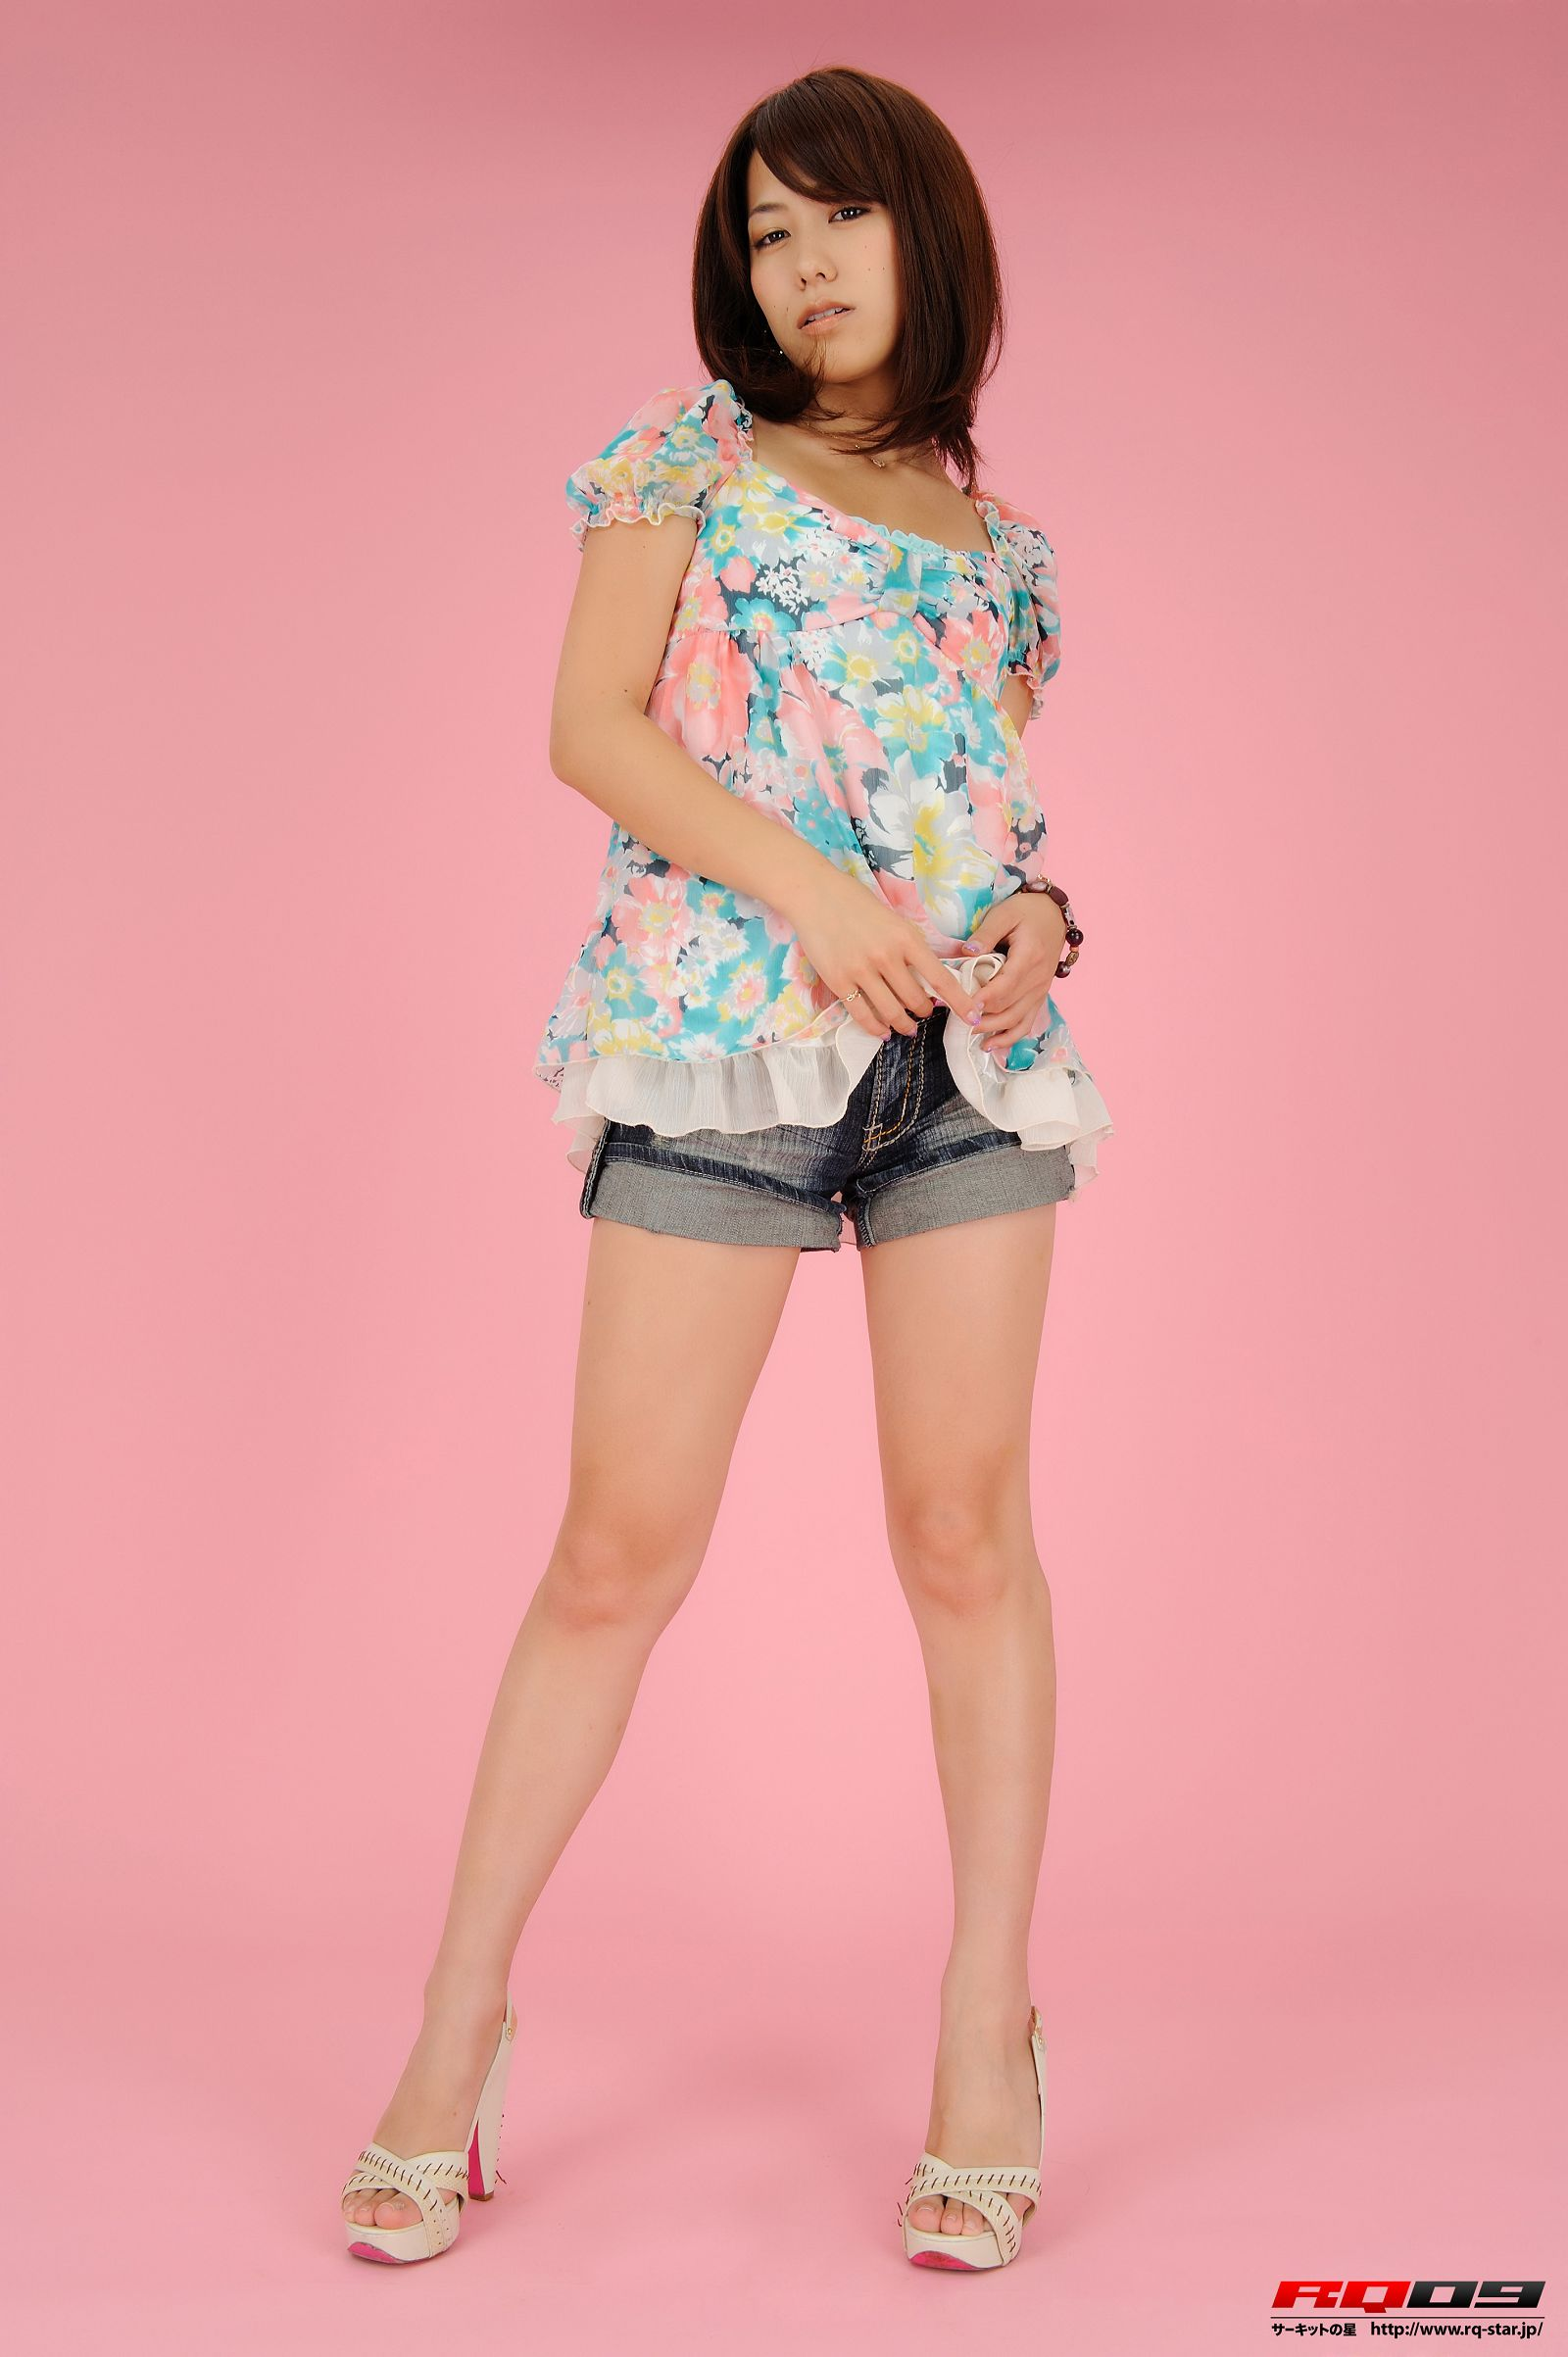 [RQ STAR美女] NO.0168 Misato Kashiwagi 柏木美里 Private Dress[101P] RQ STAR 第2张